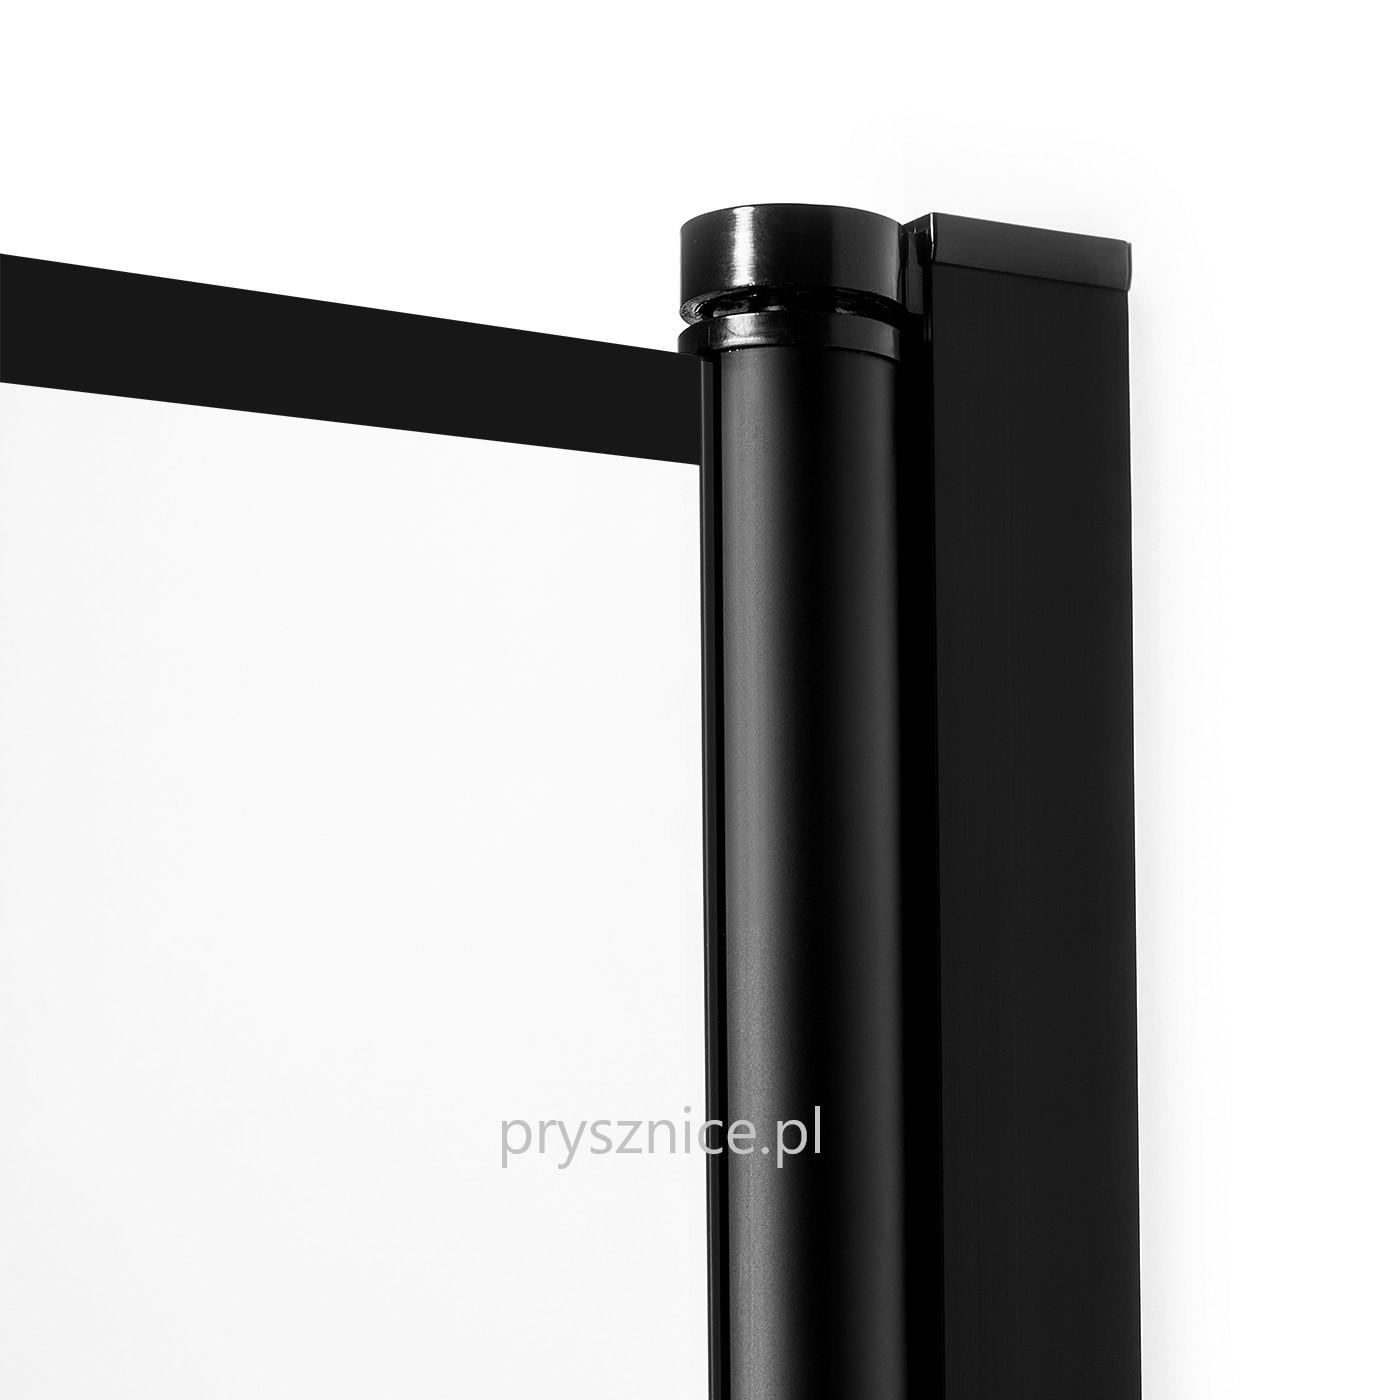 Czarny zawias kolumnowy w kabinie Superia delikatnie unoszący drzwi podczas otwierania